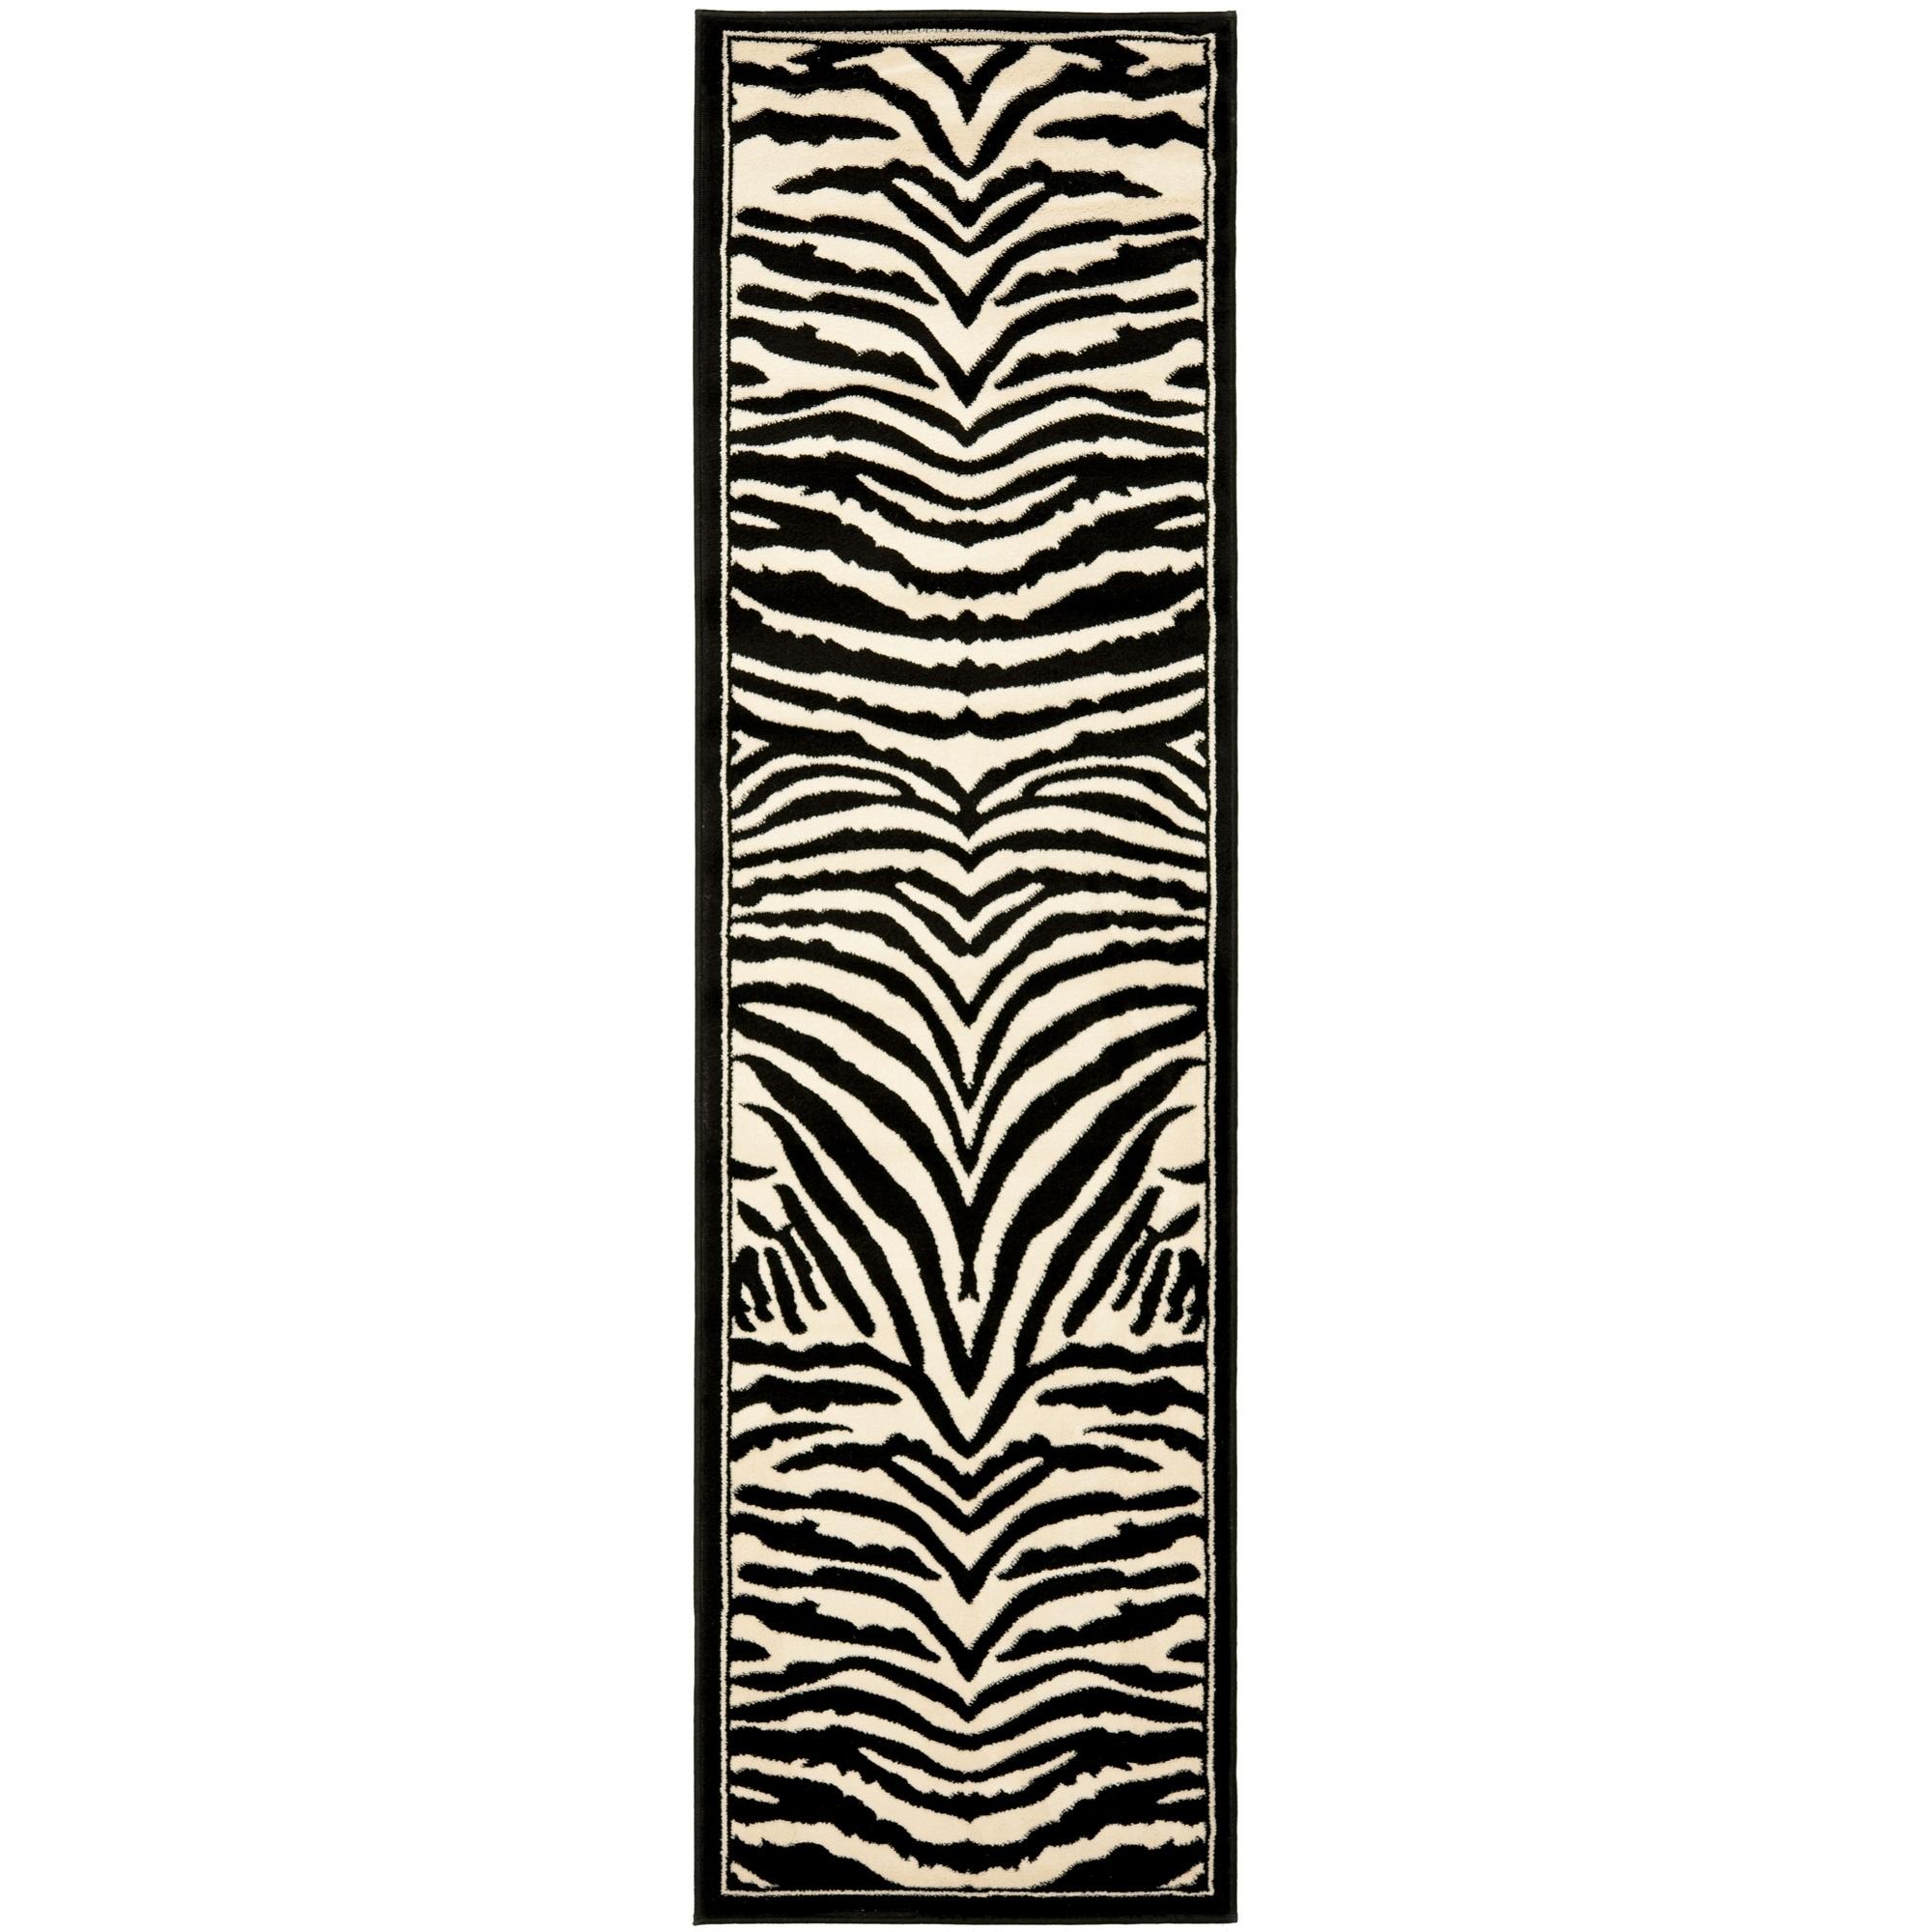 Safavieh Lyndhurst Zebra White/ Black Rug (23 X 10)